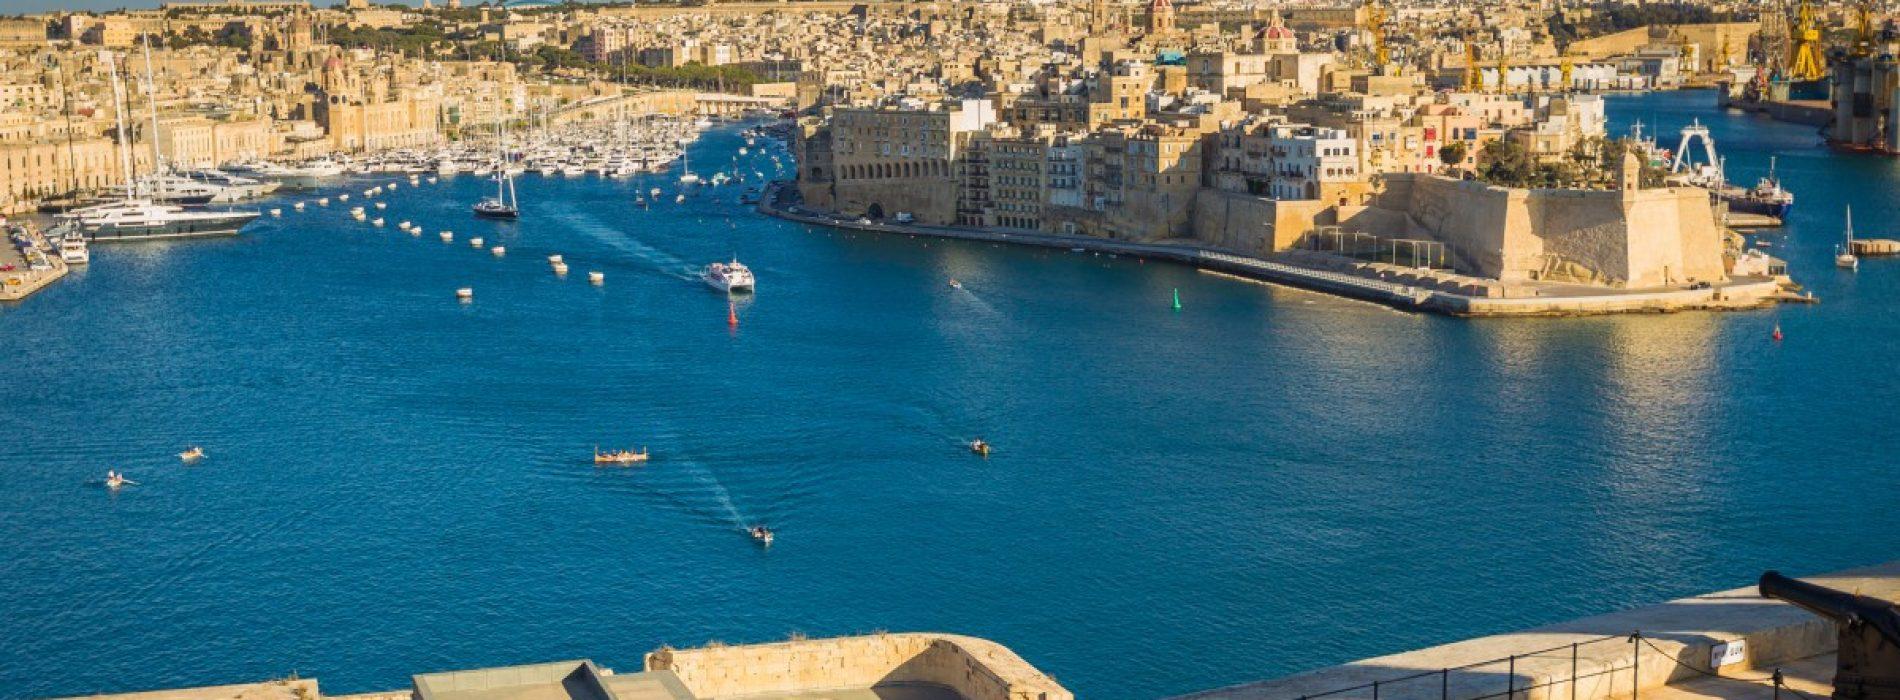 Malta, insula de care te îndrăgostești! Și primești și reducere!